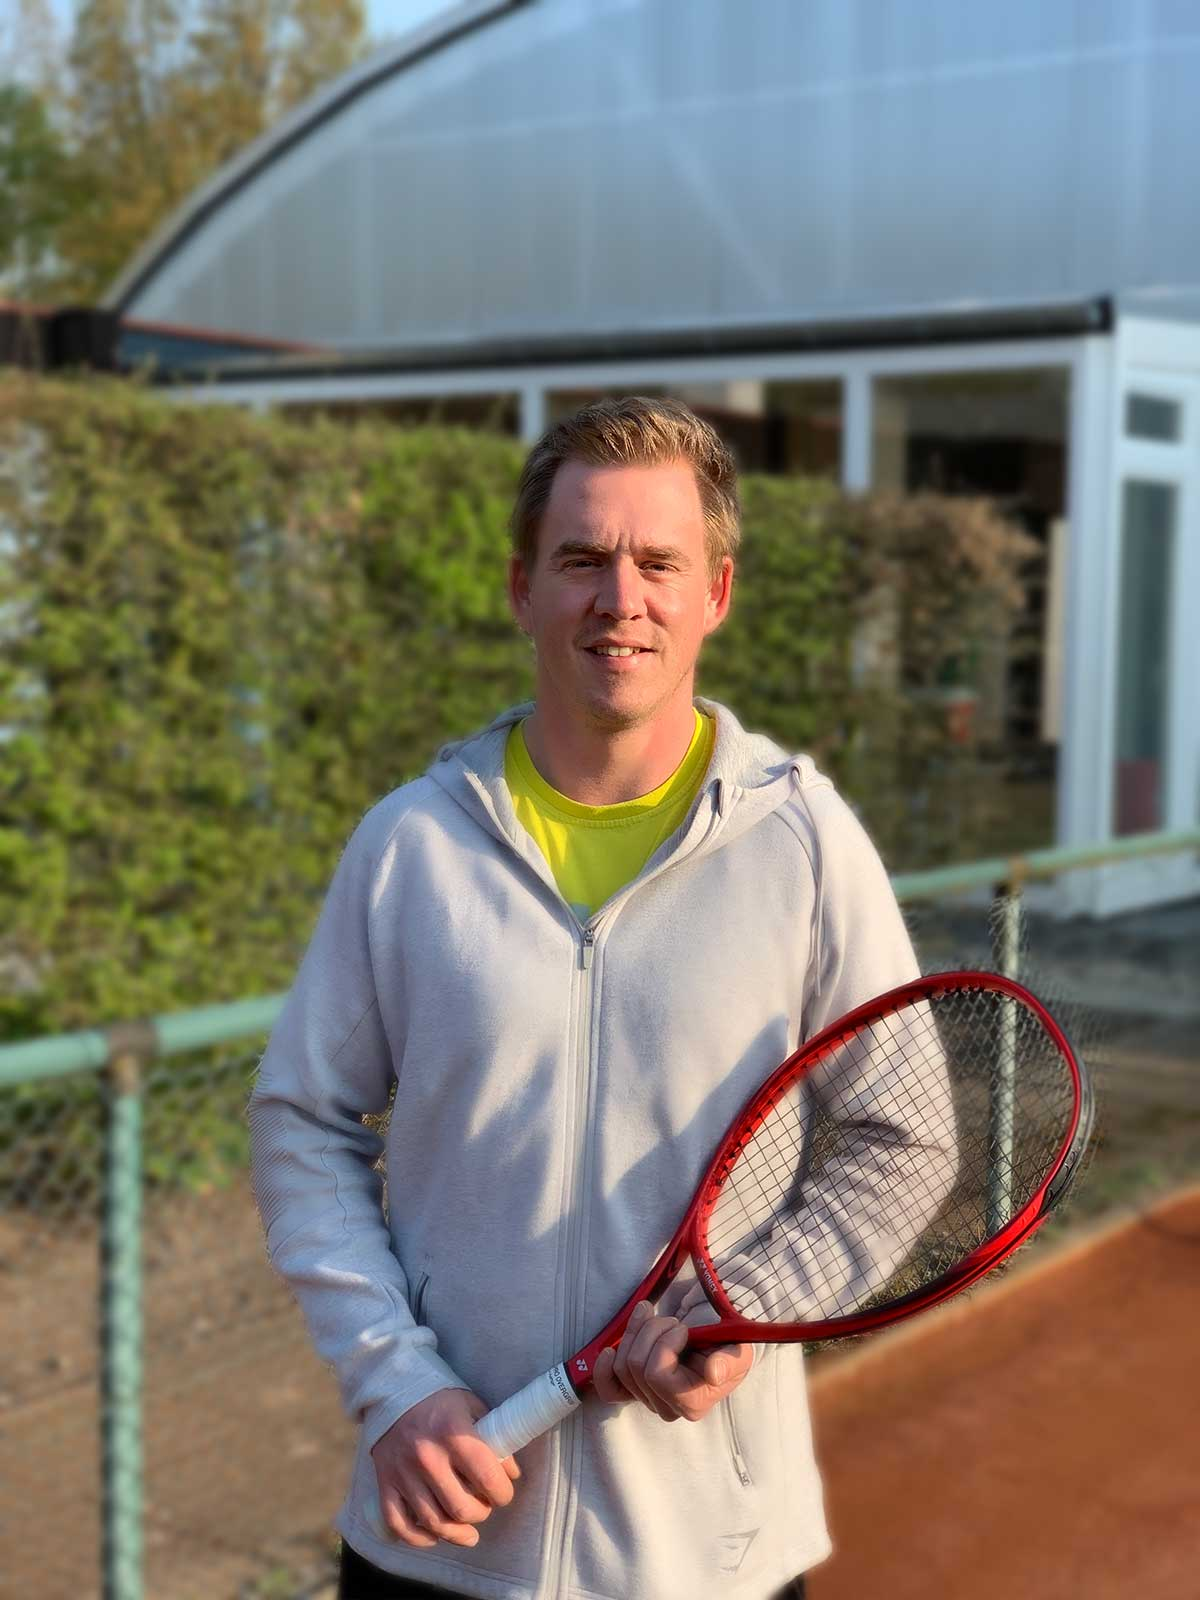 Tenniskreis Lippstadt